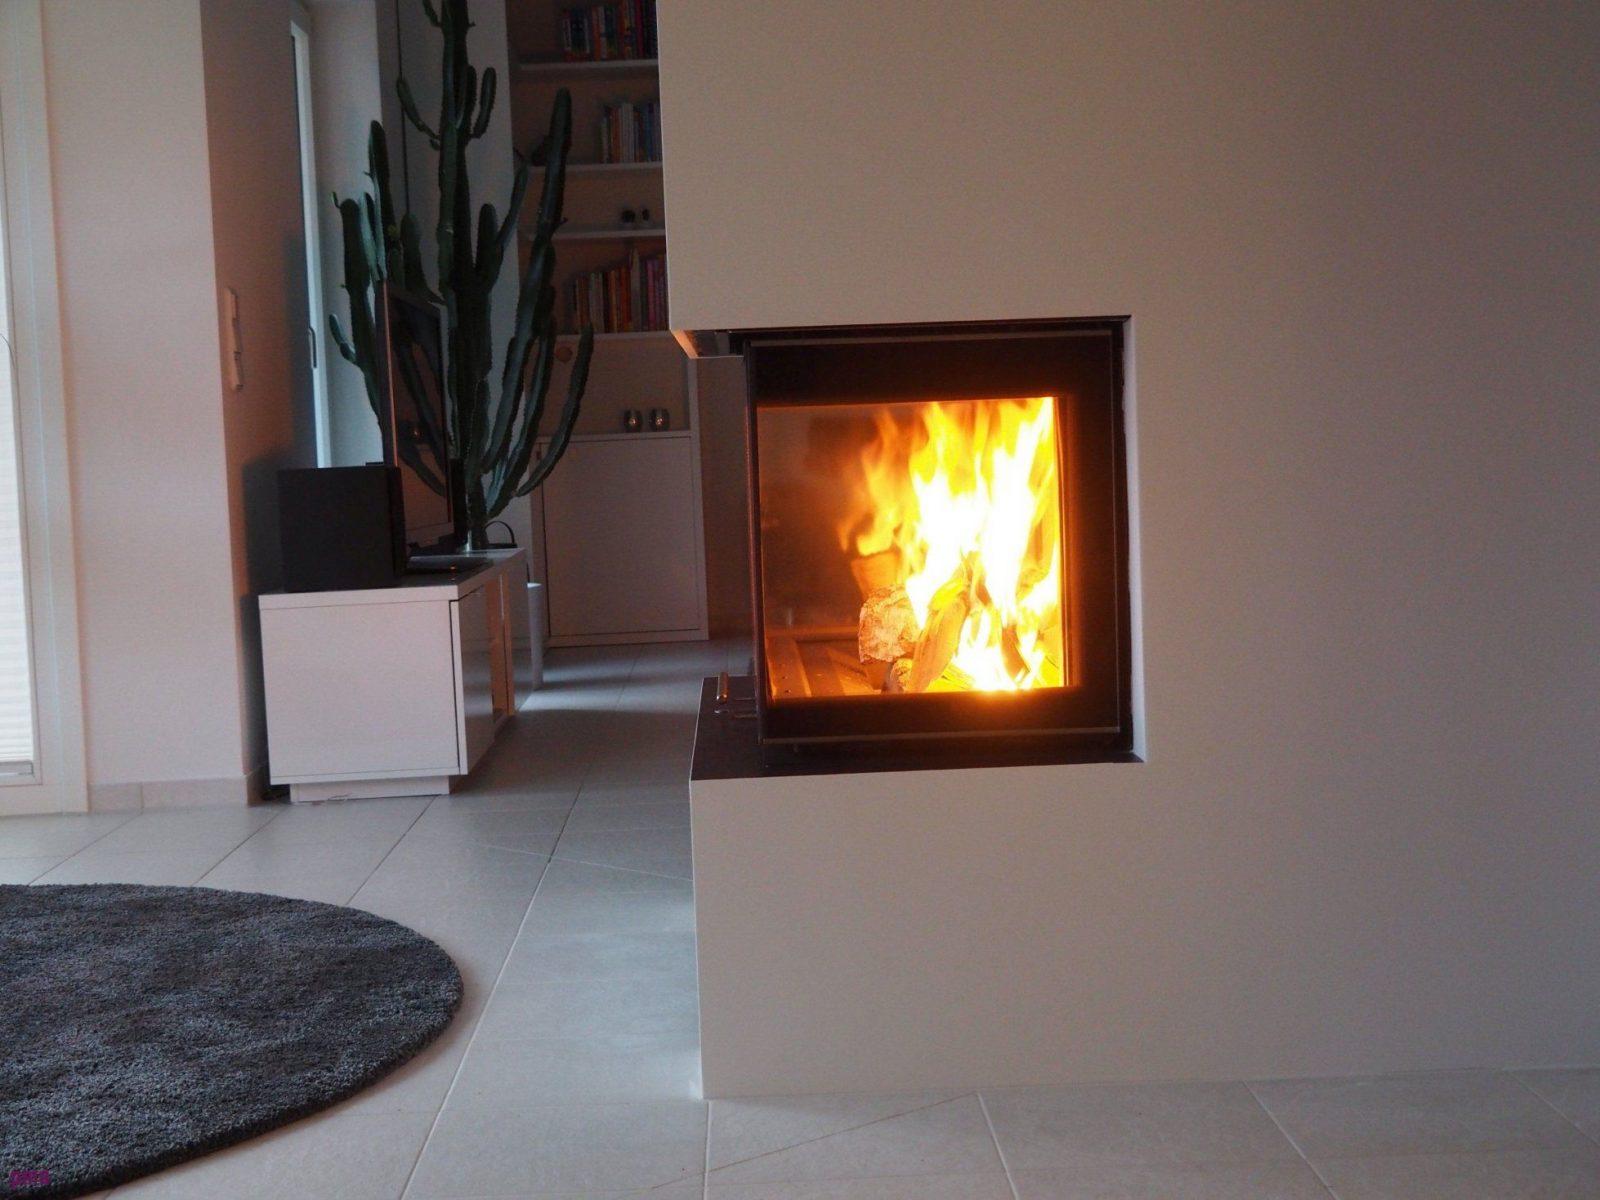 propangas kamin ohne schornstein kamin mauern kosten. Black Bedroom Furniture Sets. Home Design Ideas